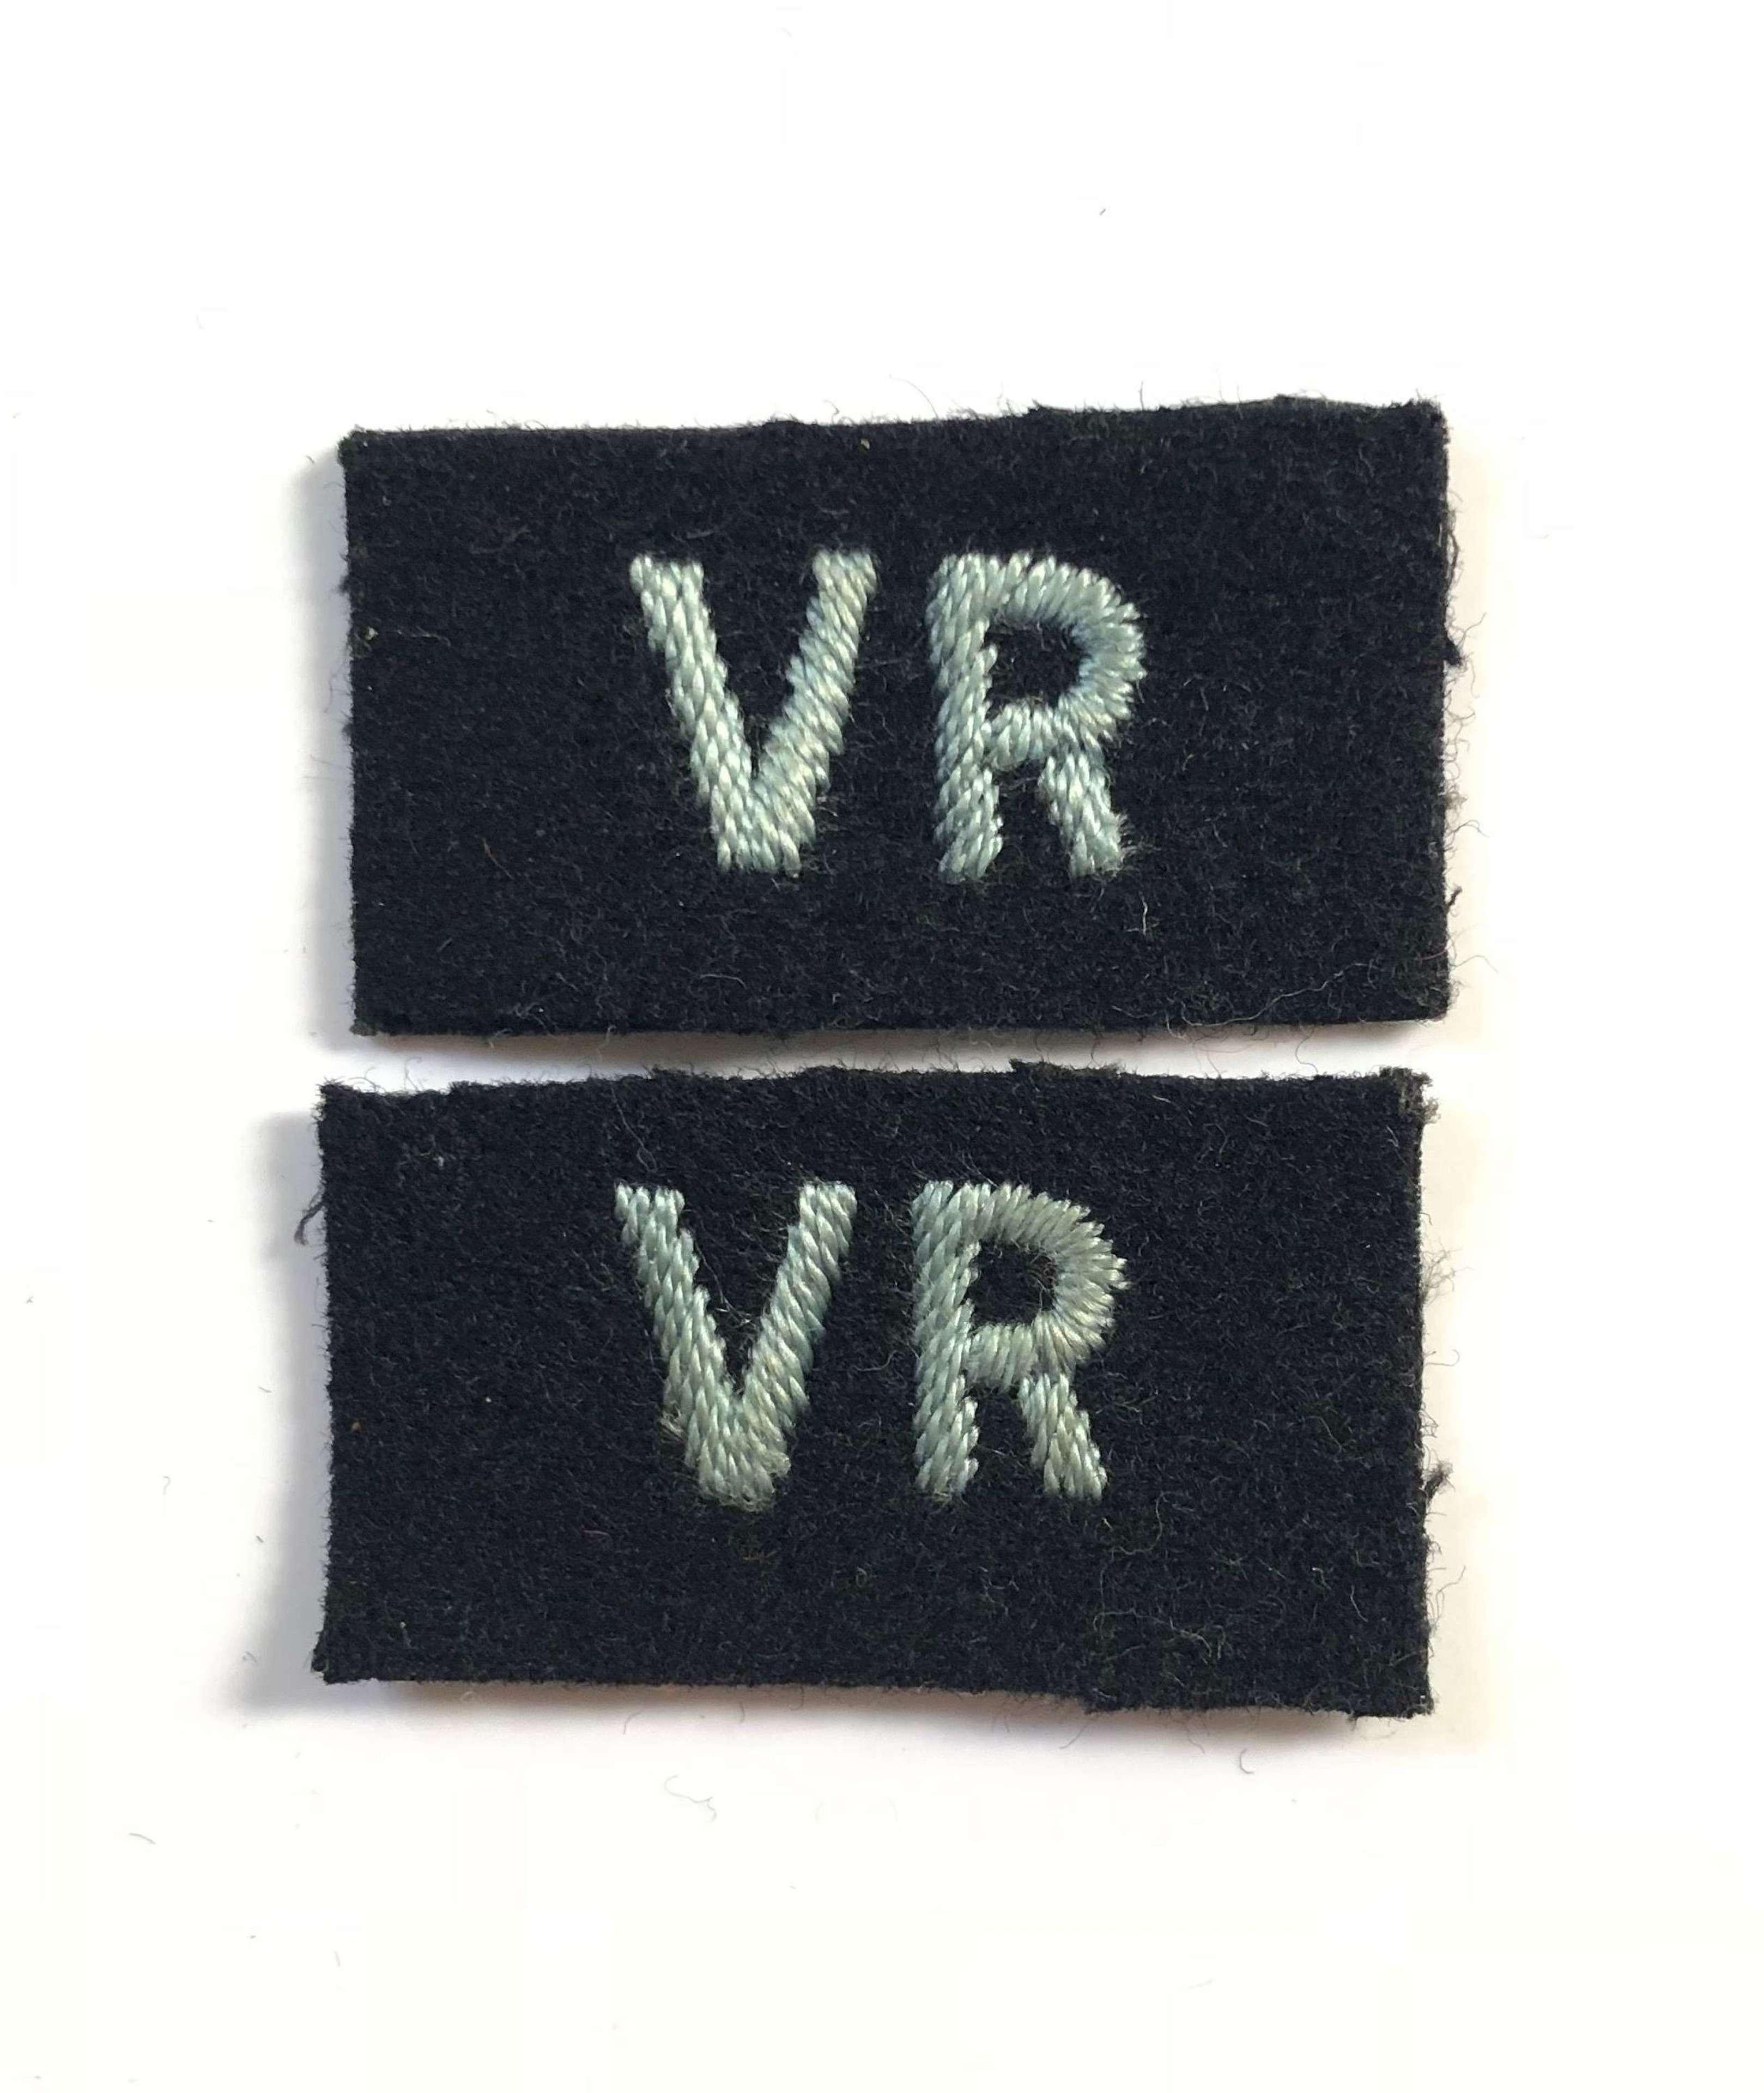 WW2 RAF Other Ranks VR Volunteer Reserve Cloth Badges.